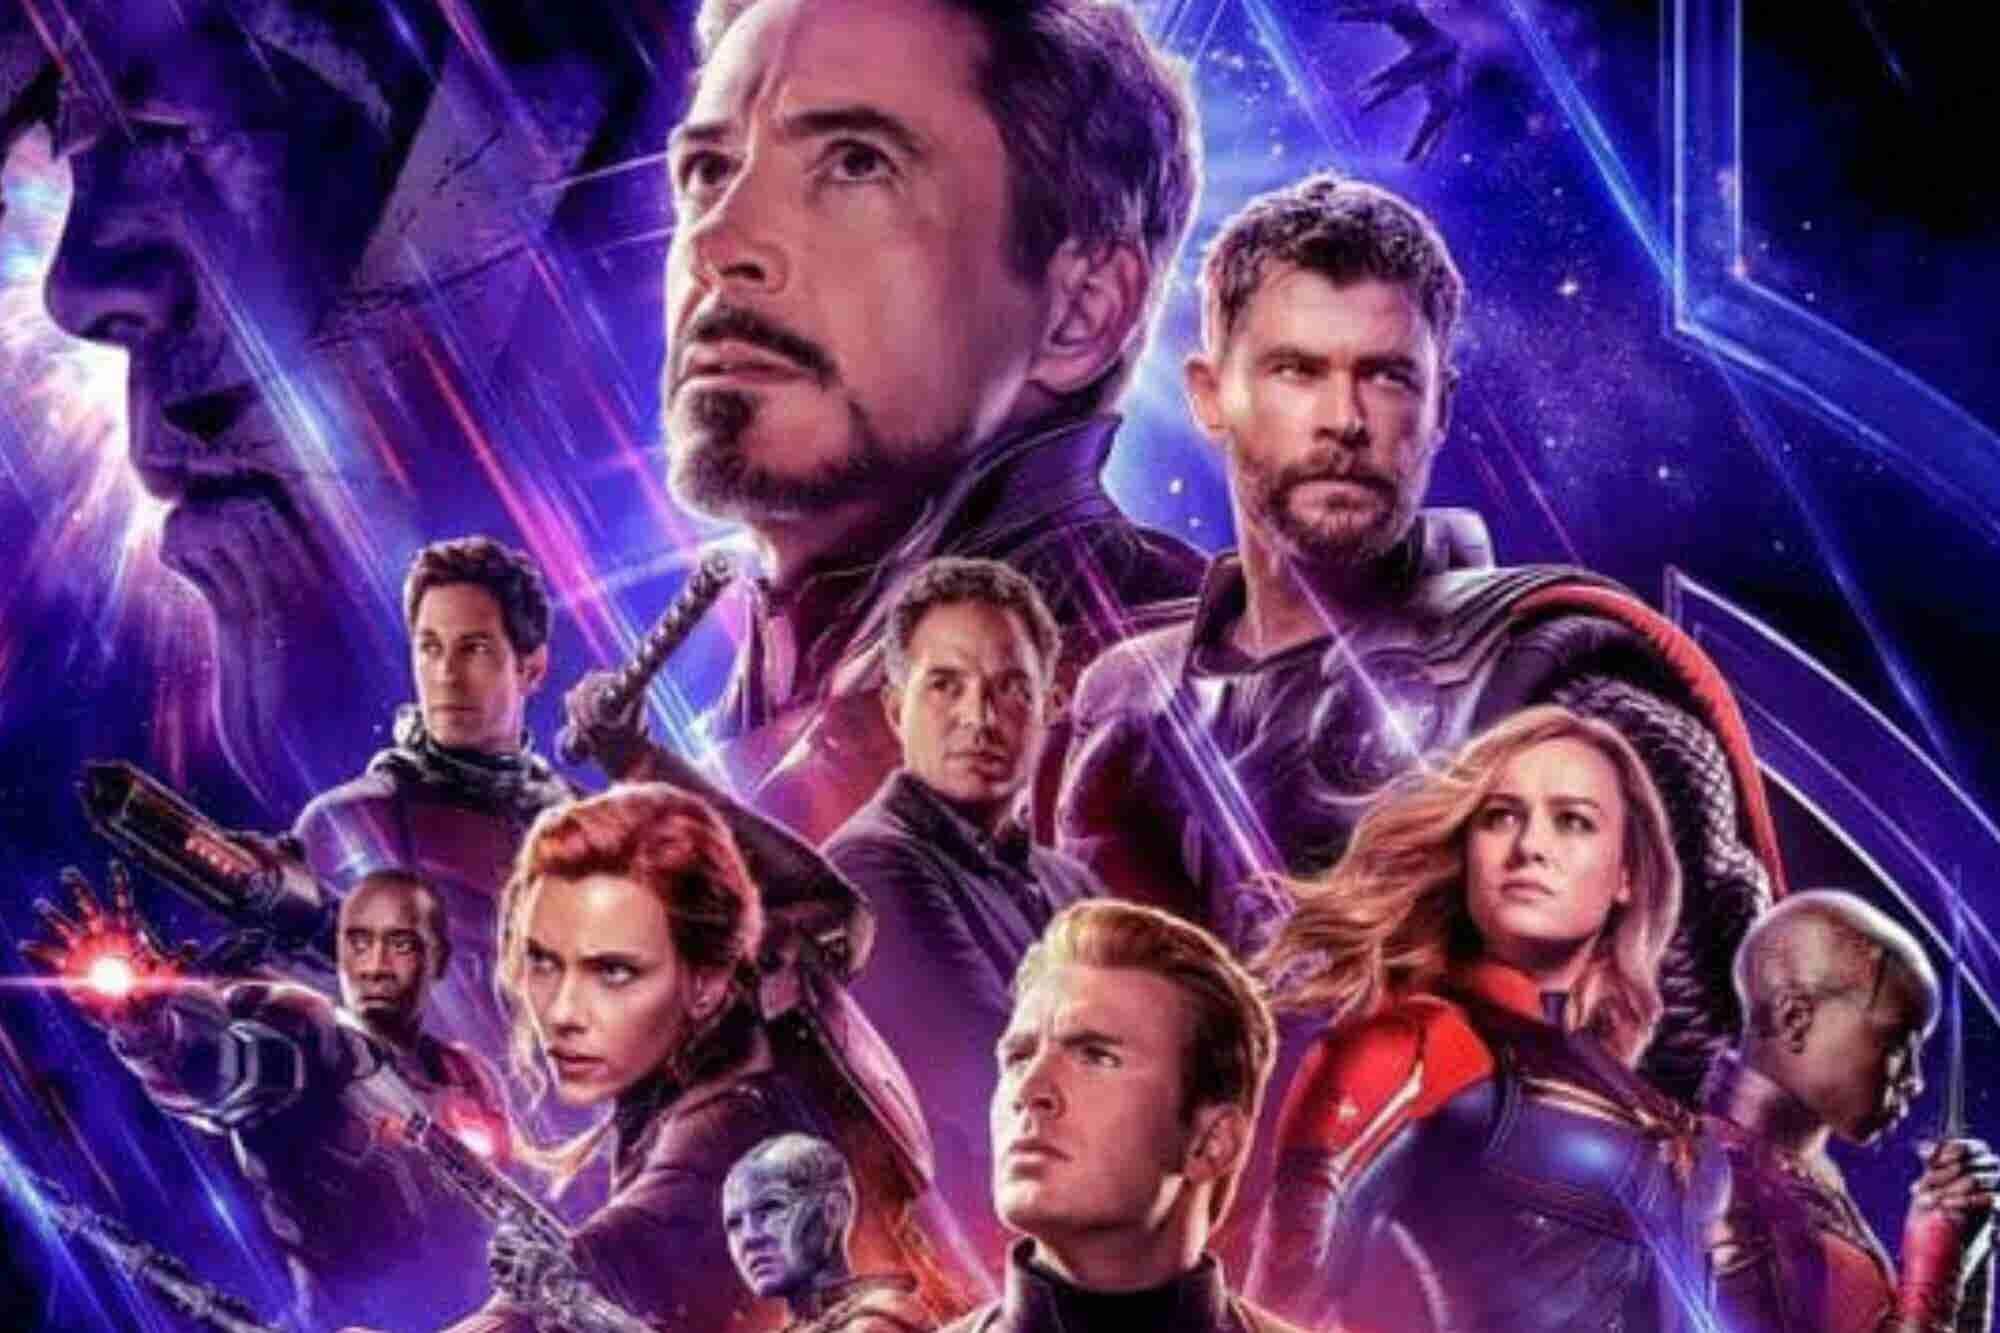 Los 18 tipos de colaboradores que necesitas para formar un equipo al estilo 'Avengers: Endgame'